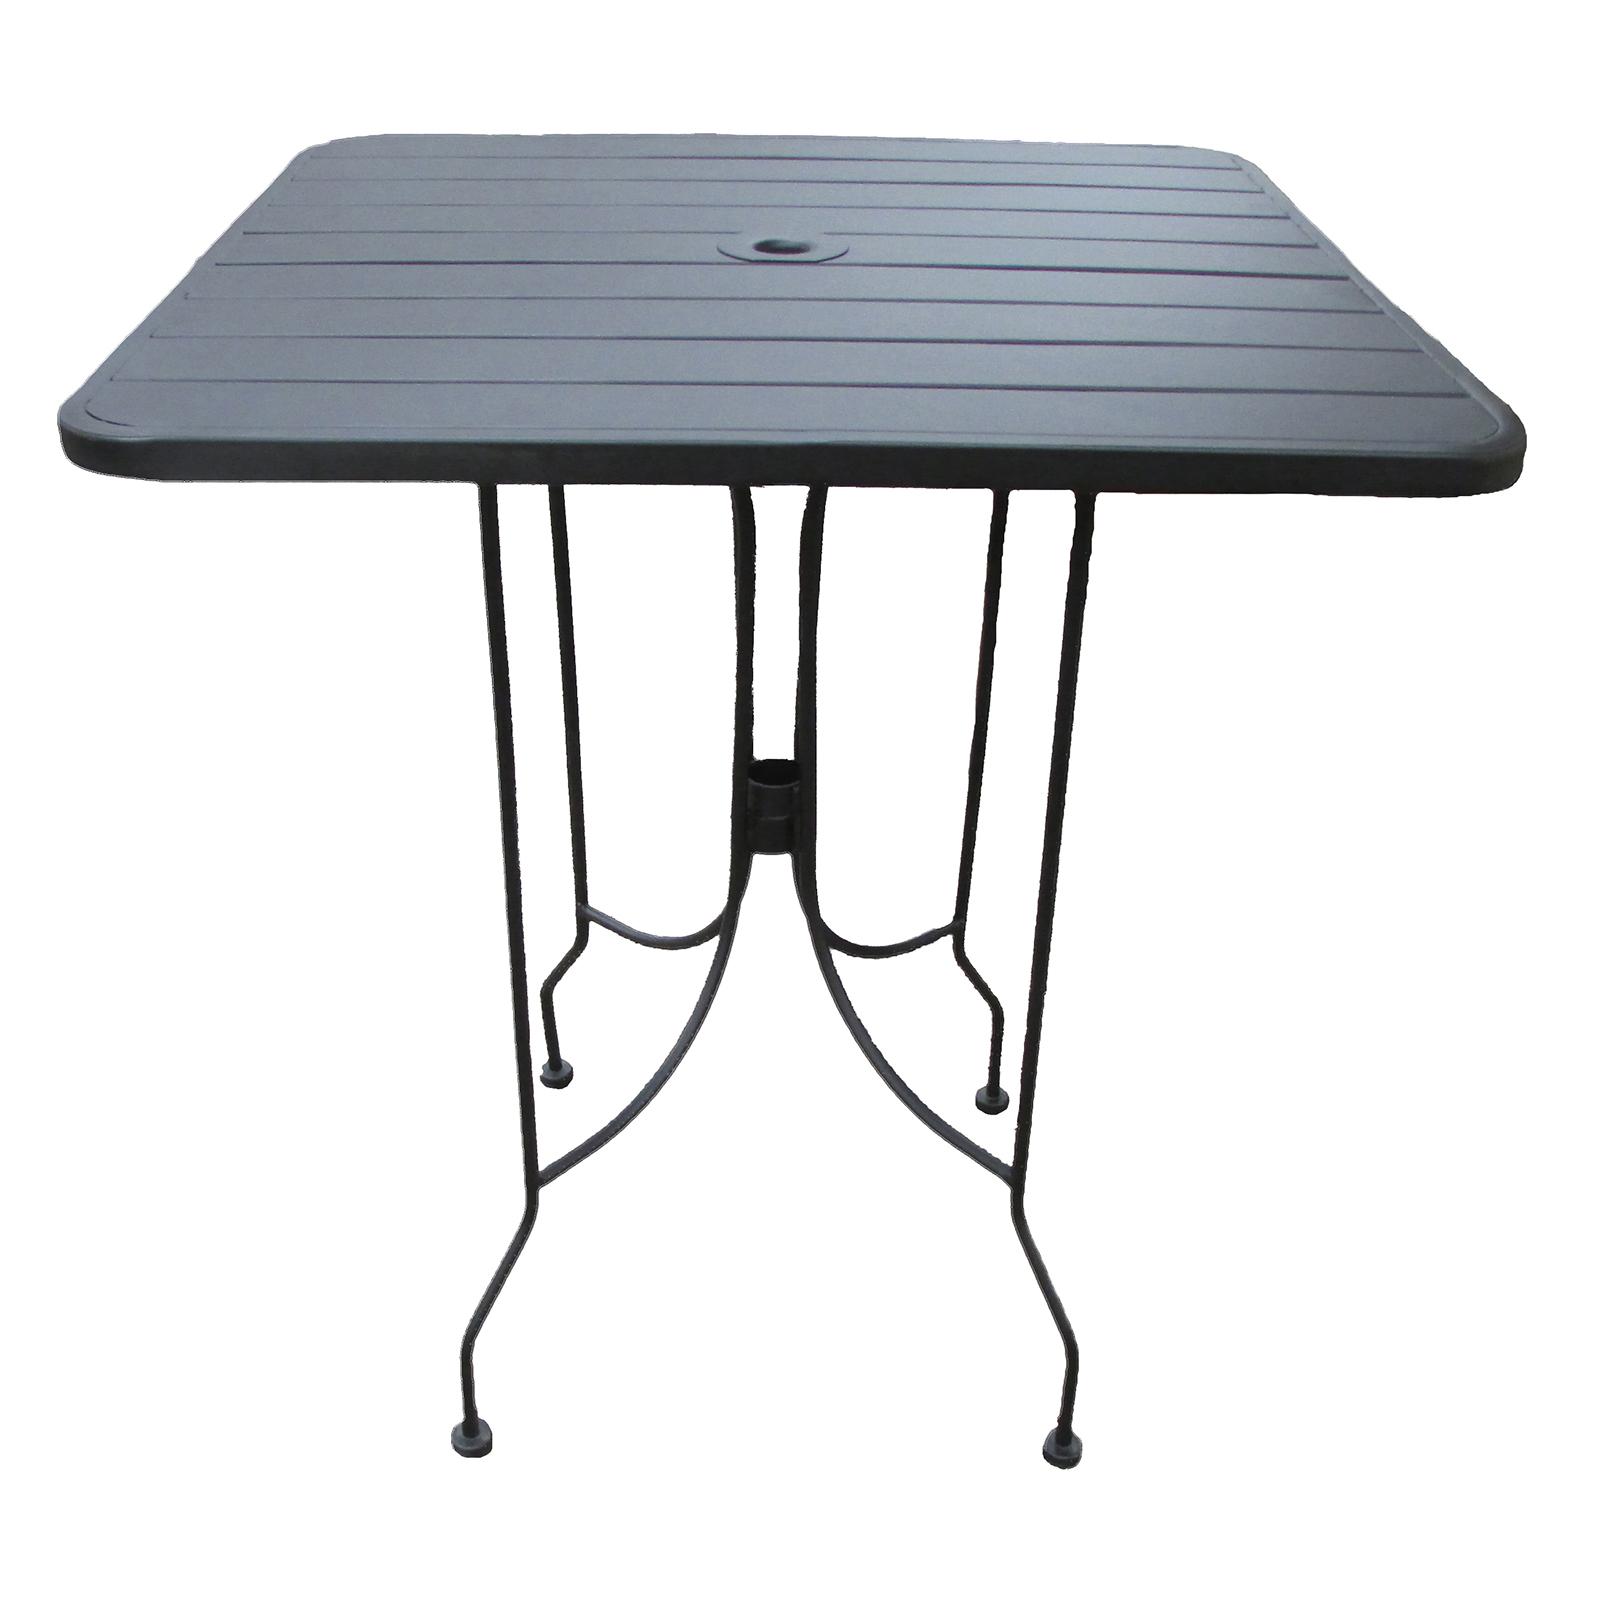 Oak Street OB2430-STD table, outdoor